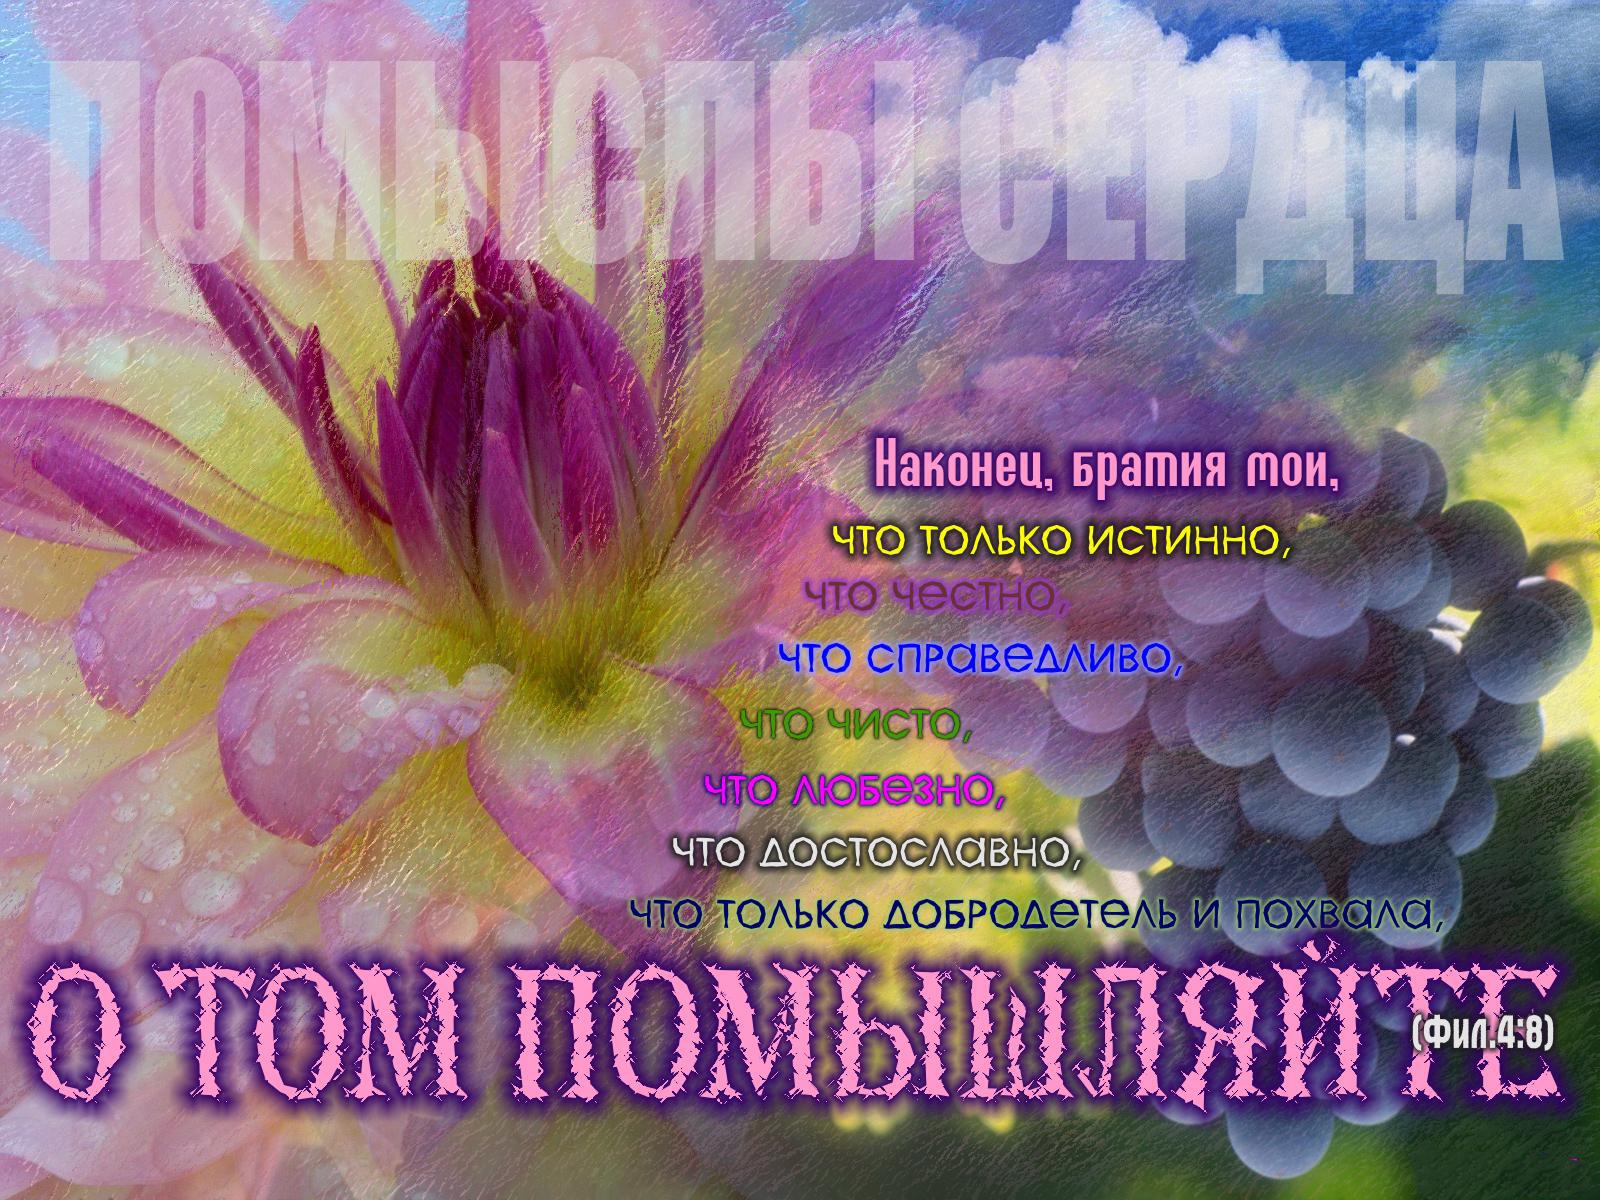 Христианские поздравления в открытках с надписью, поздравления новым